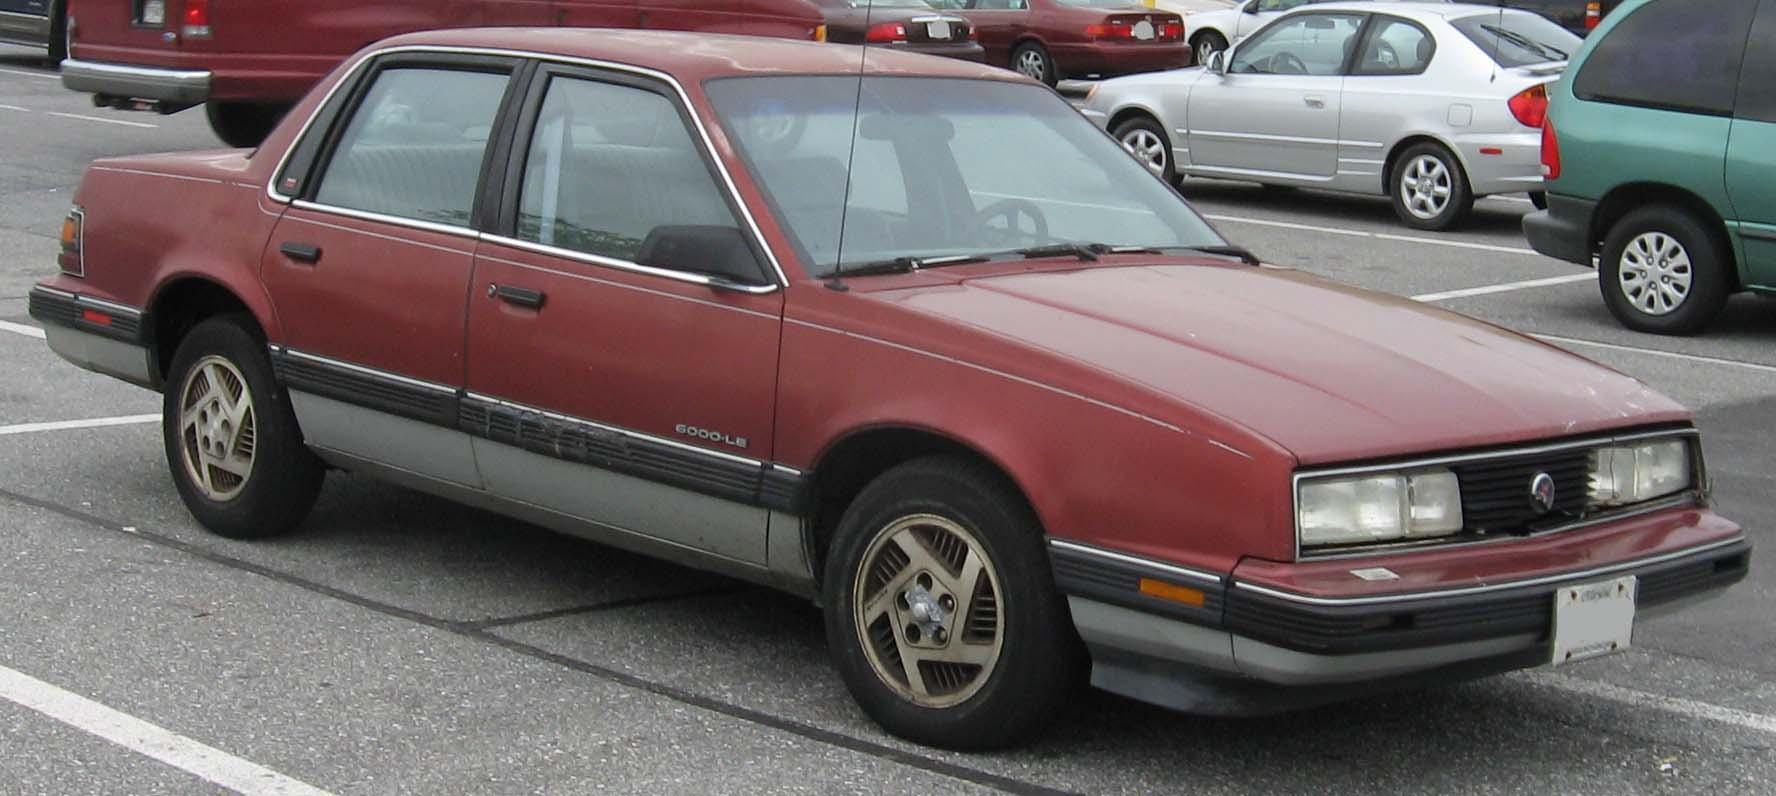 Pontiac 6000 1982 - 1991 Coupe #4